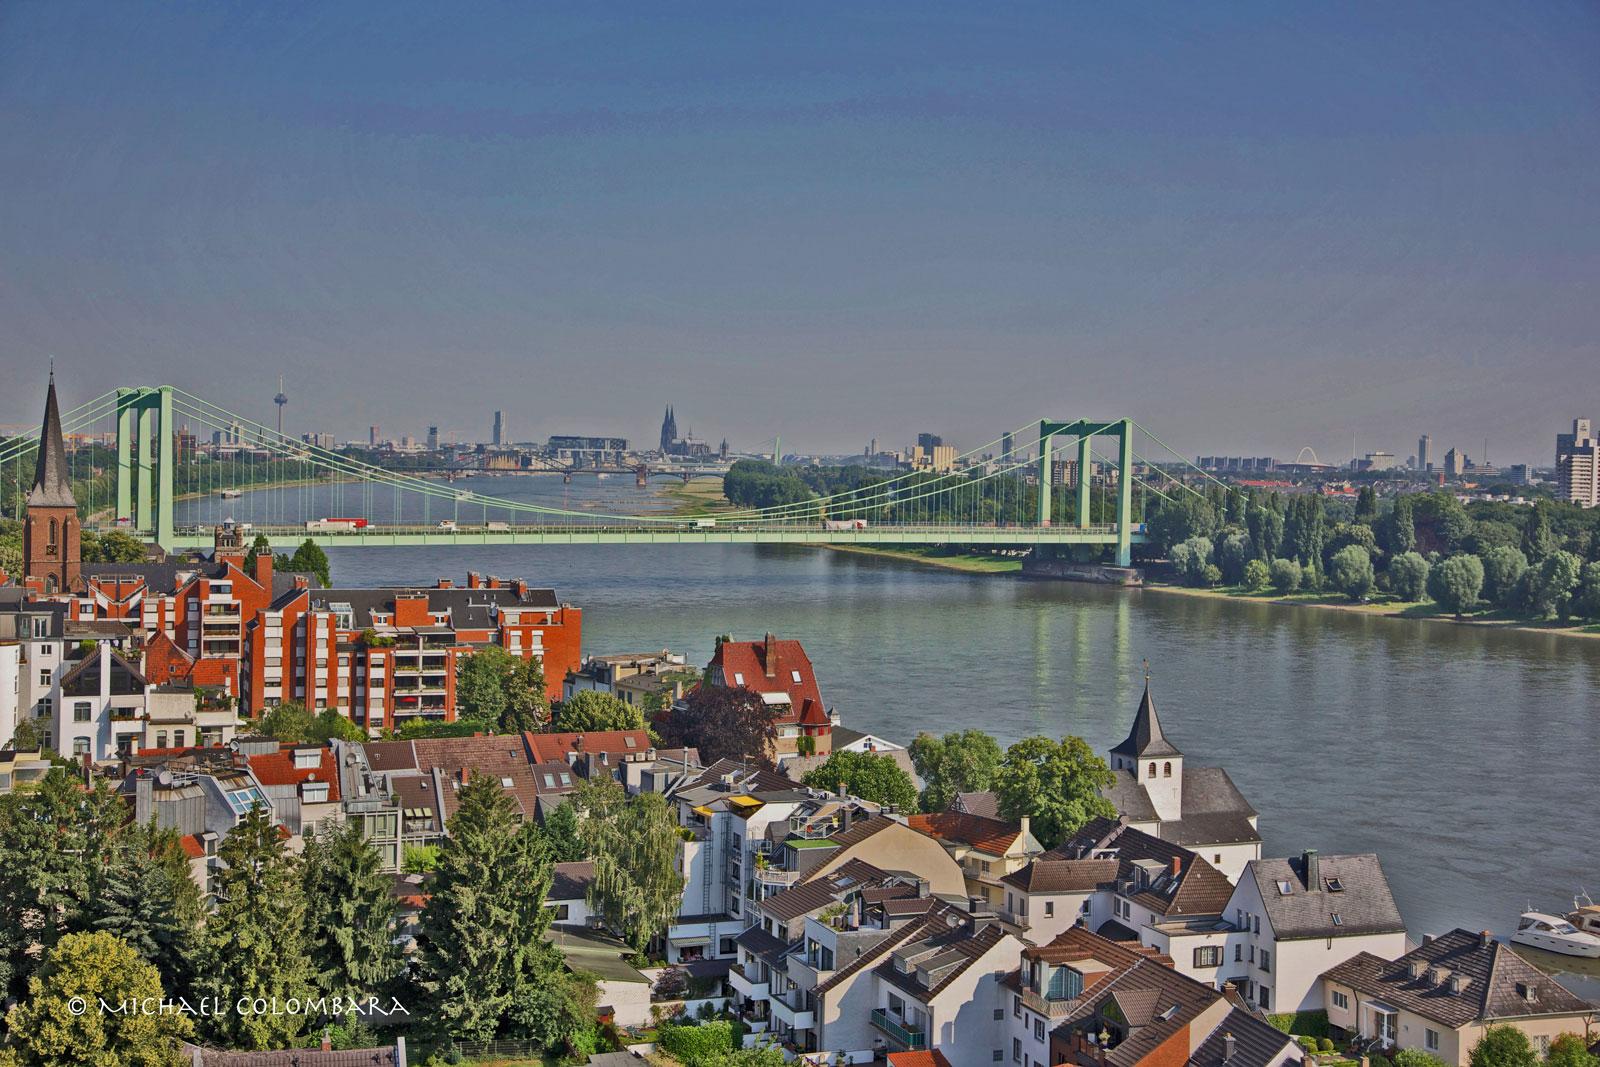 Blick über die Dächer von Rodenkirchen bis zum Kölner Dom